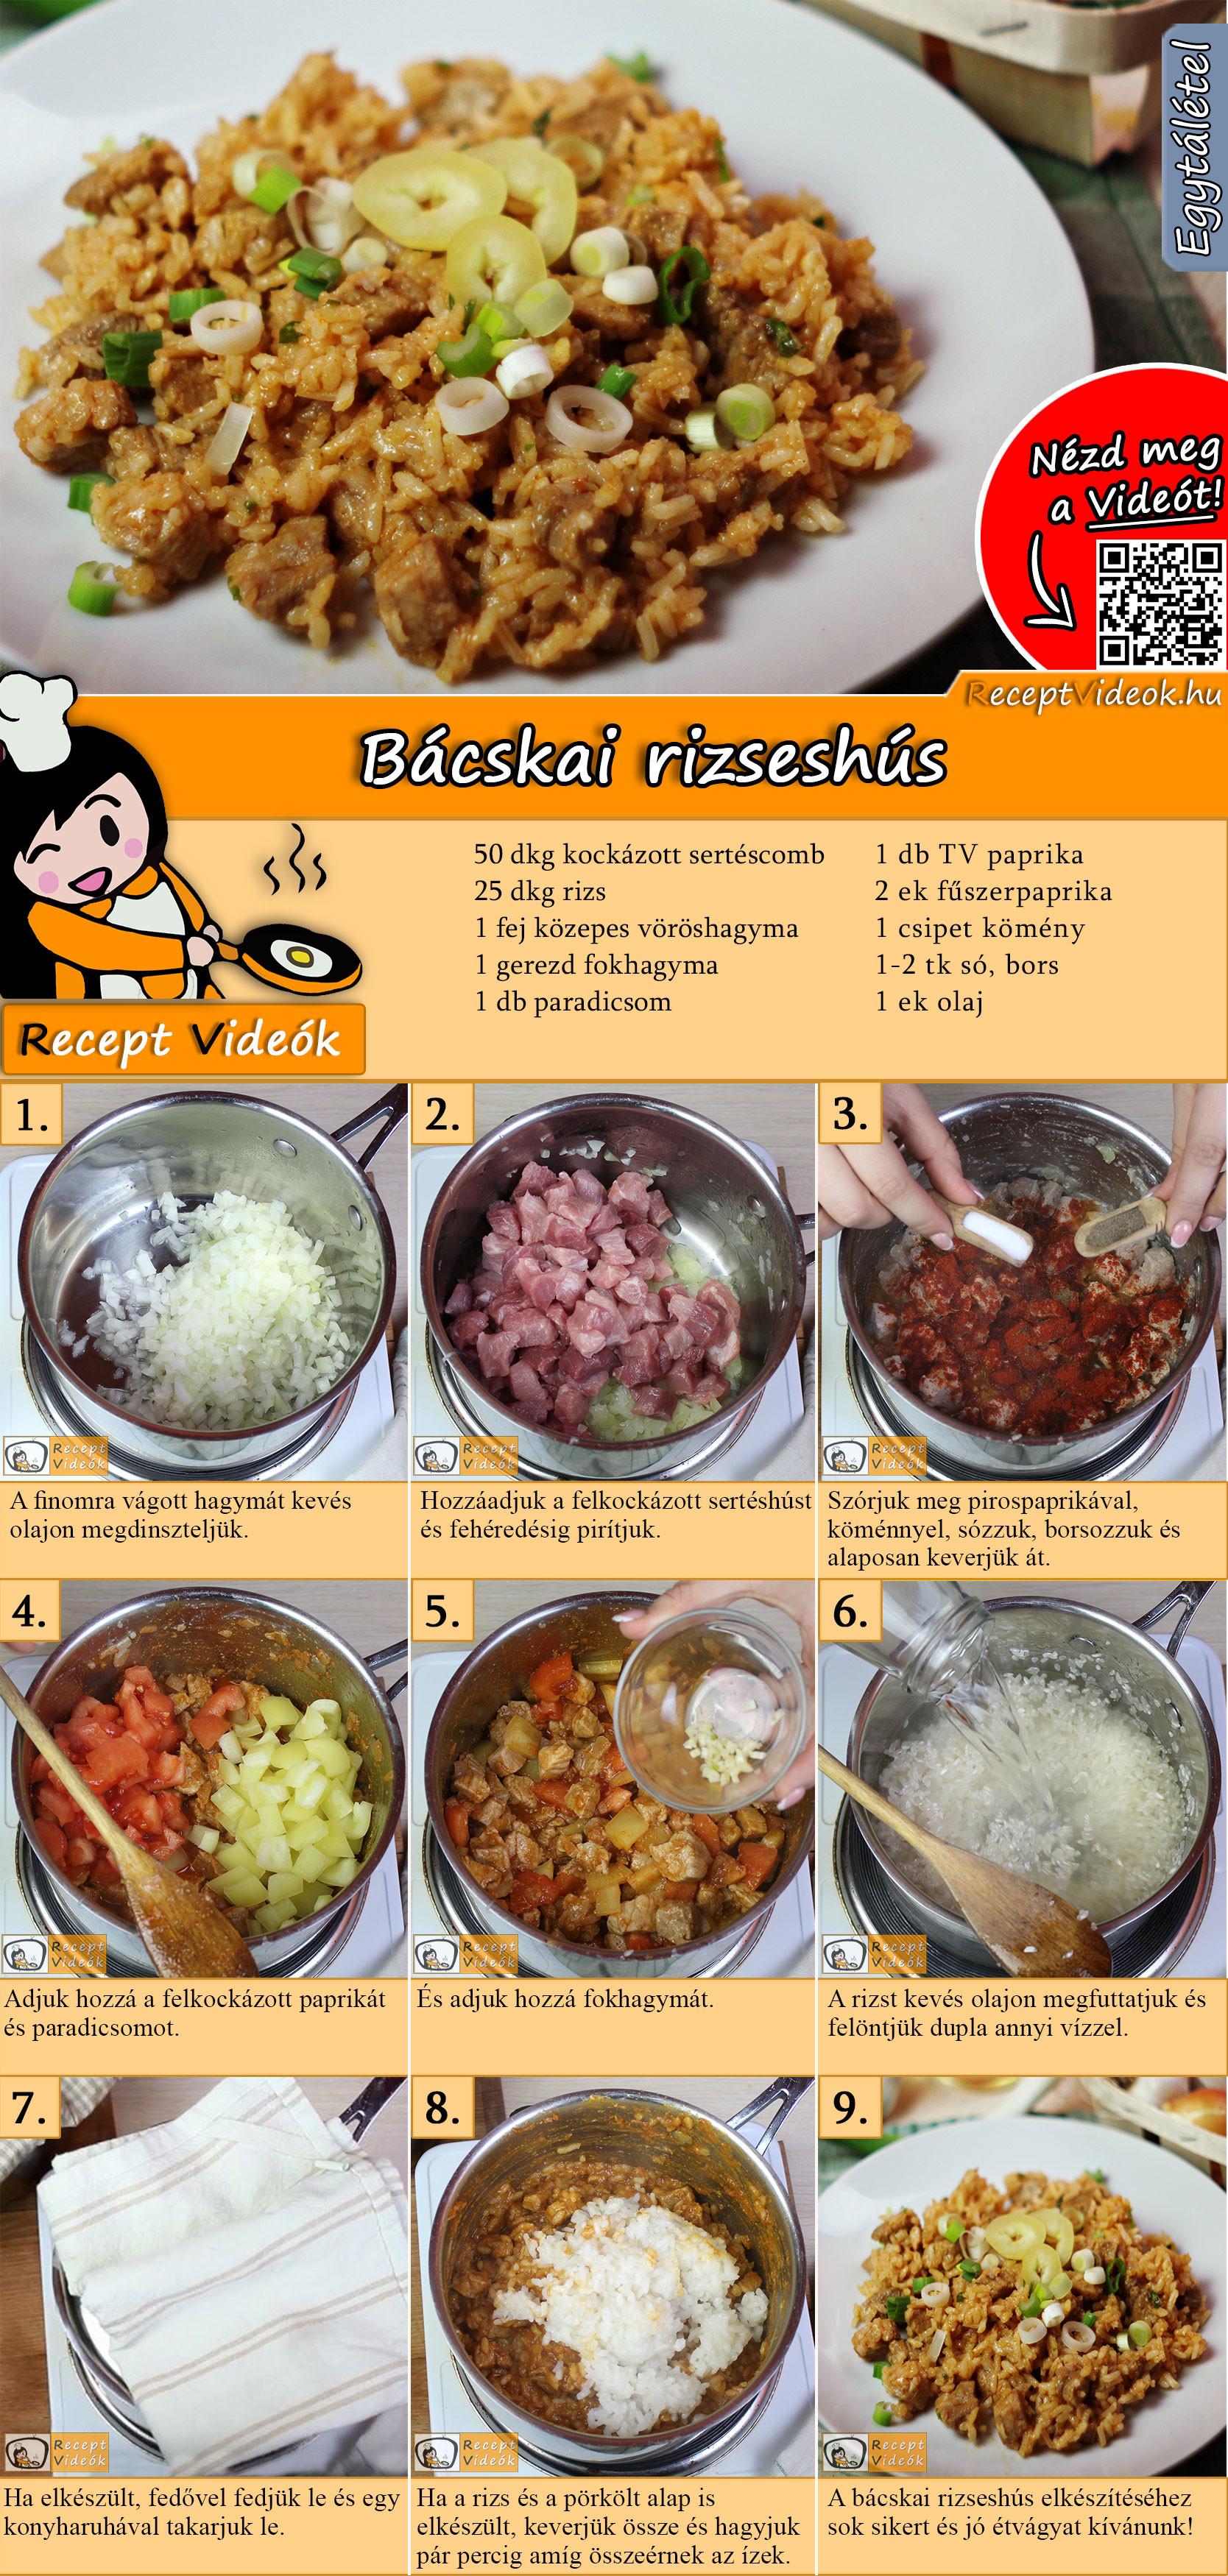 Bácskai rizseshús recept elkészítése videóval